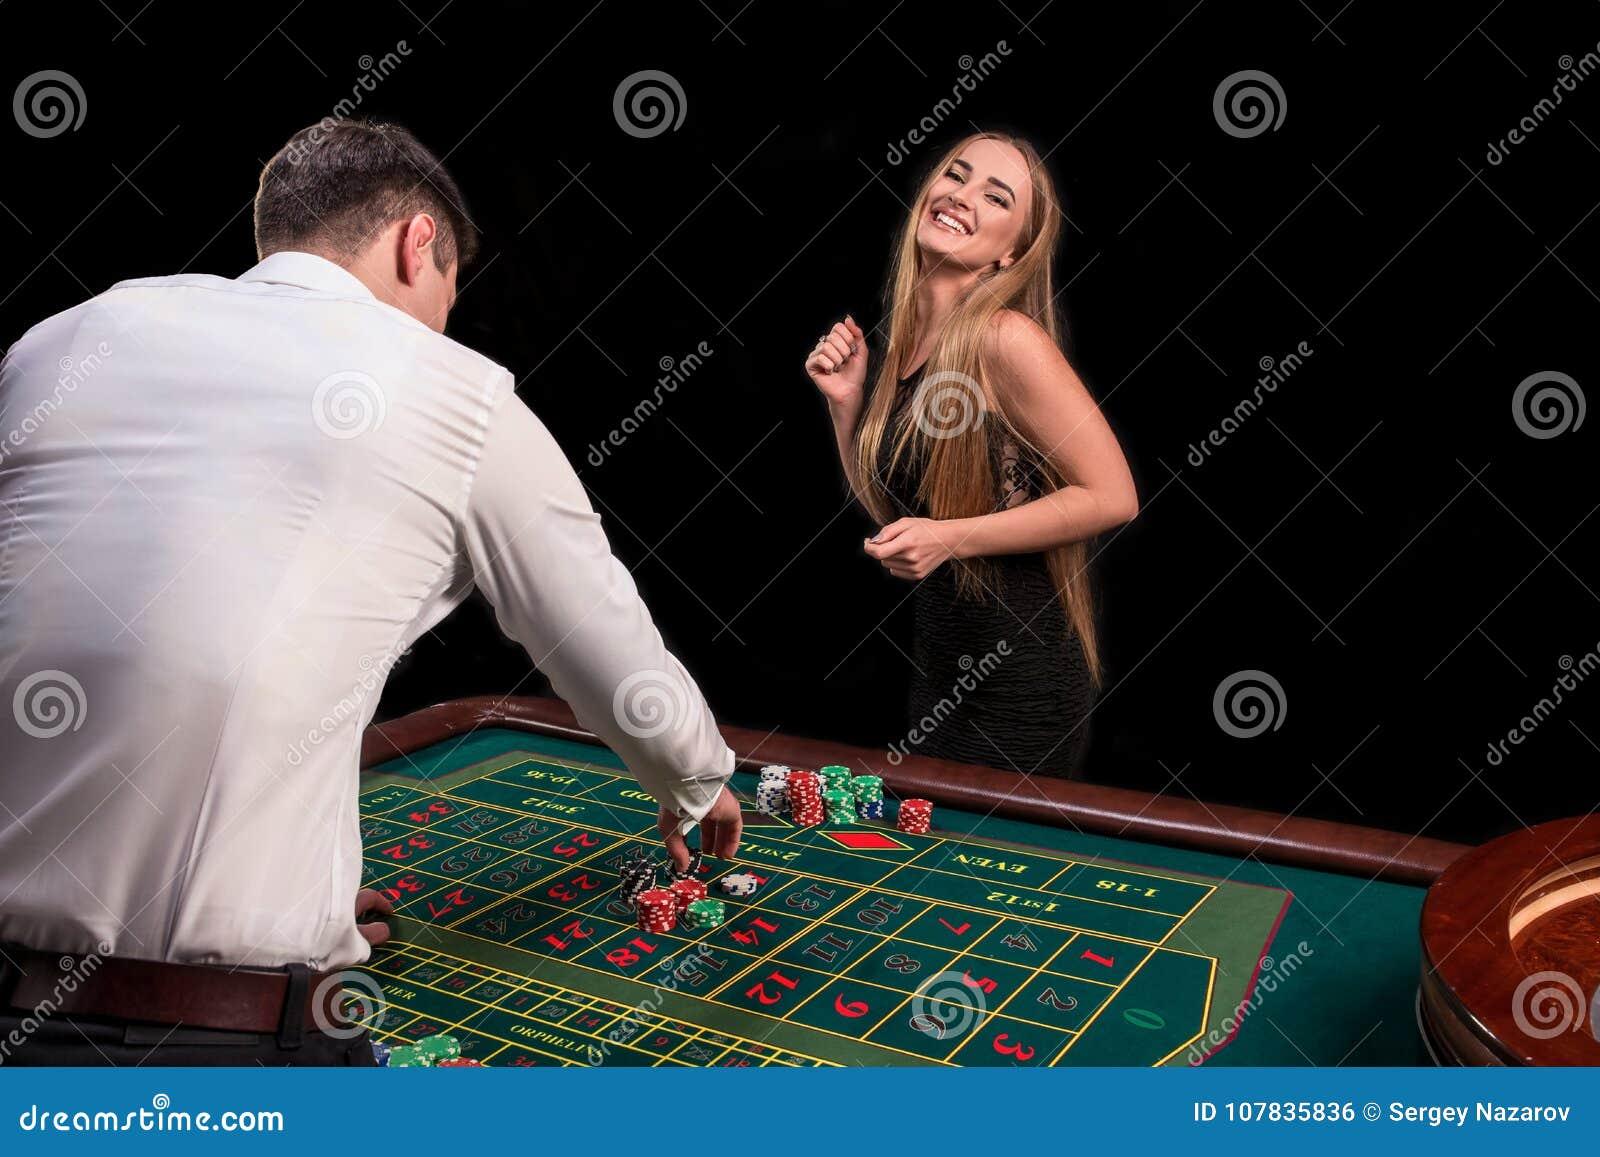 En närbild på baksidan av croupier i en vit skjorta, bilden av den gröna kasinotabellen med rouletten och chiper, rich